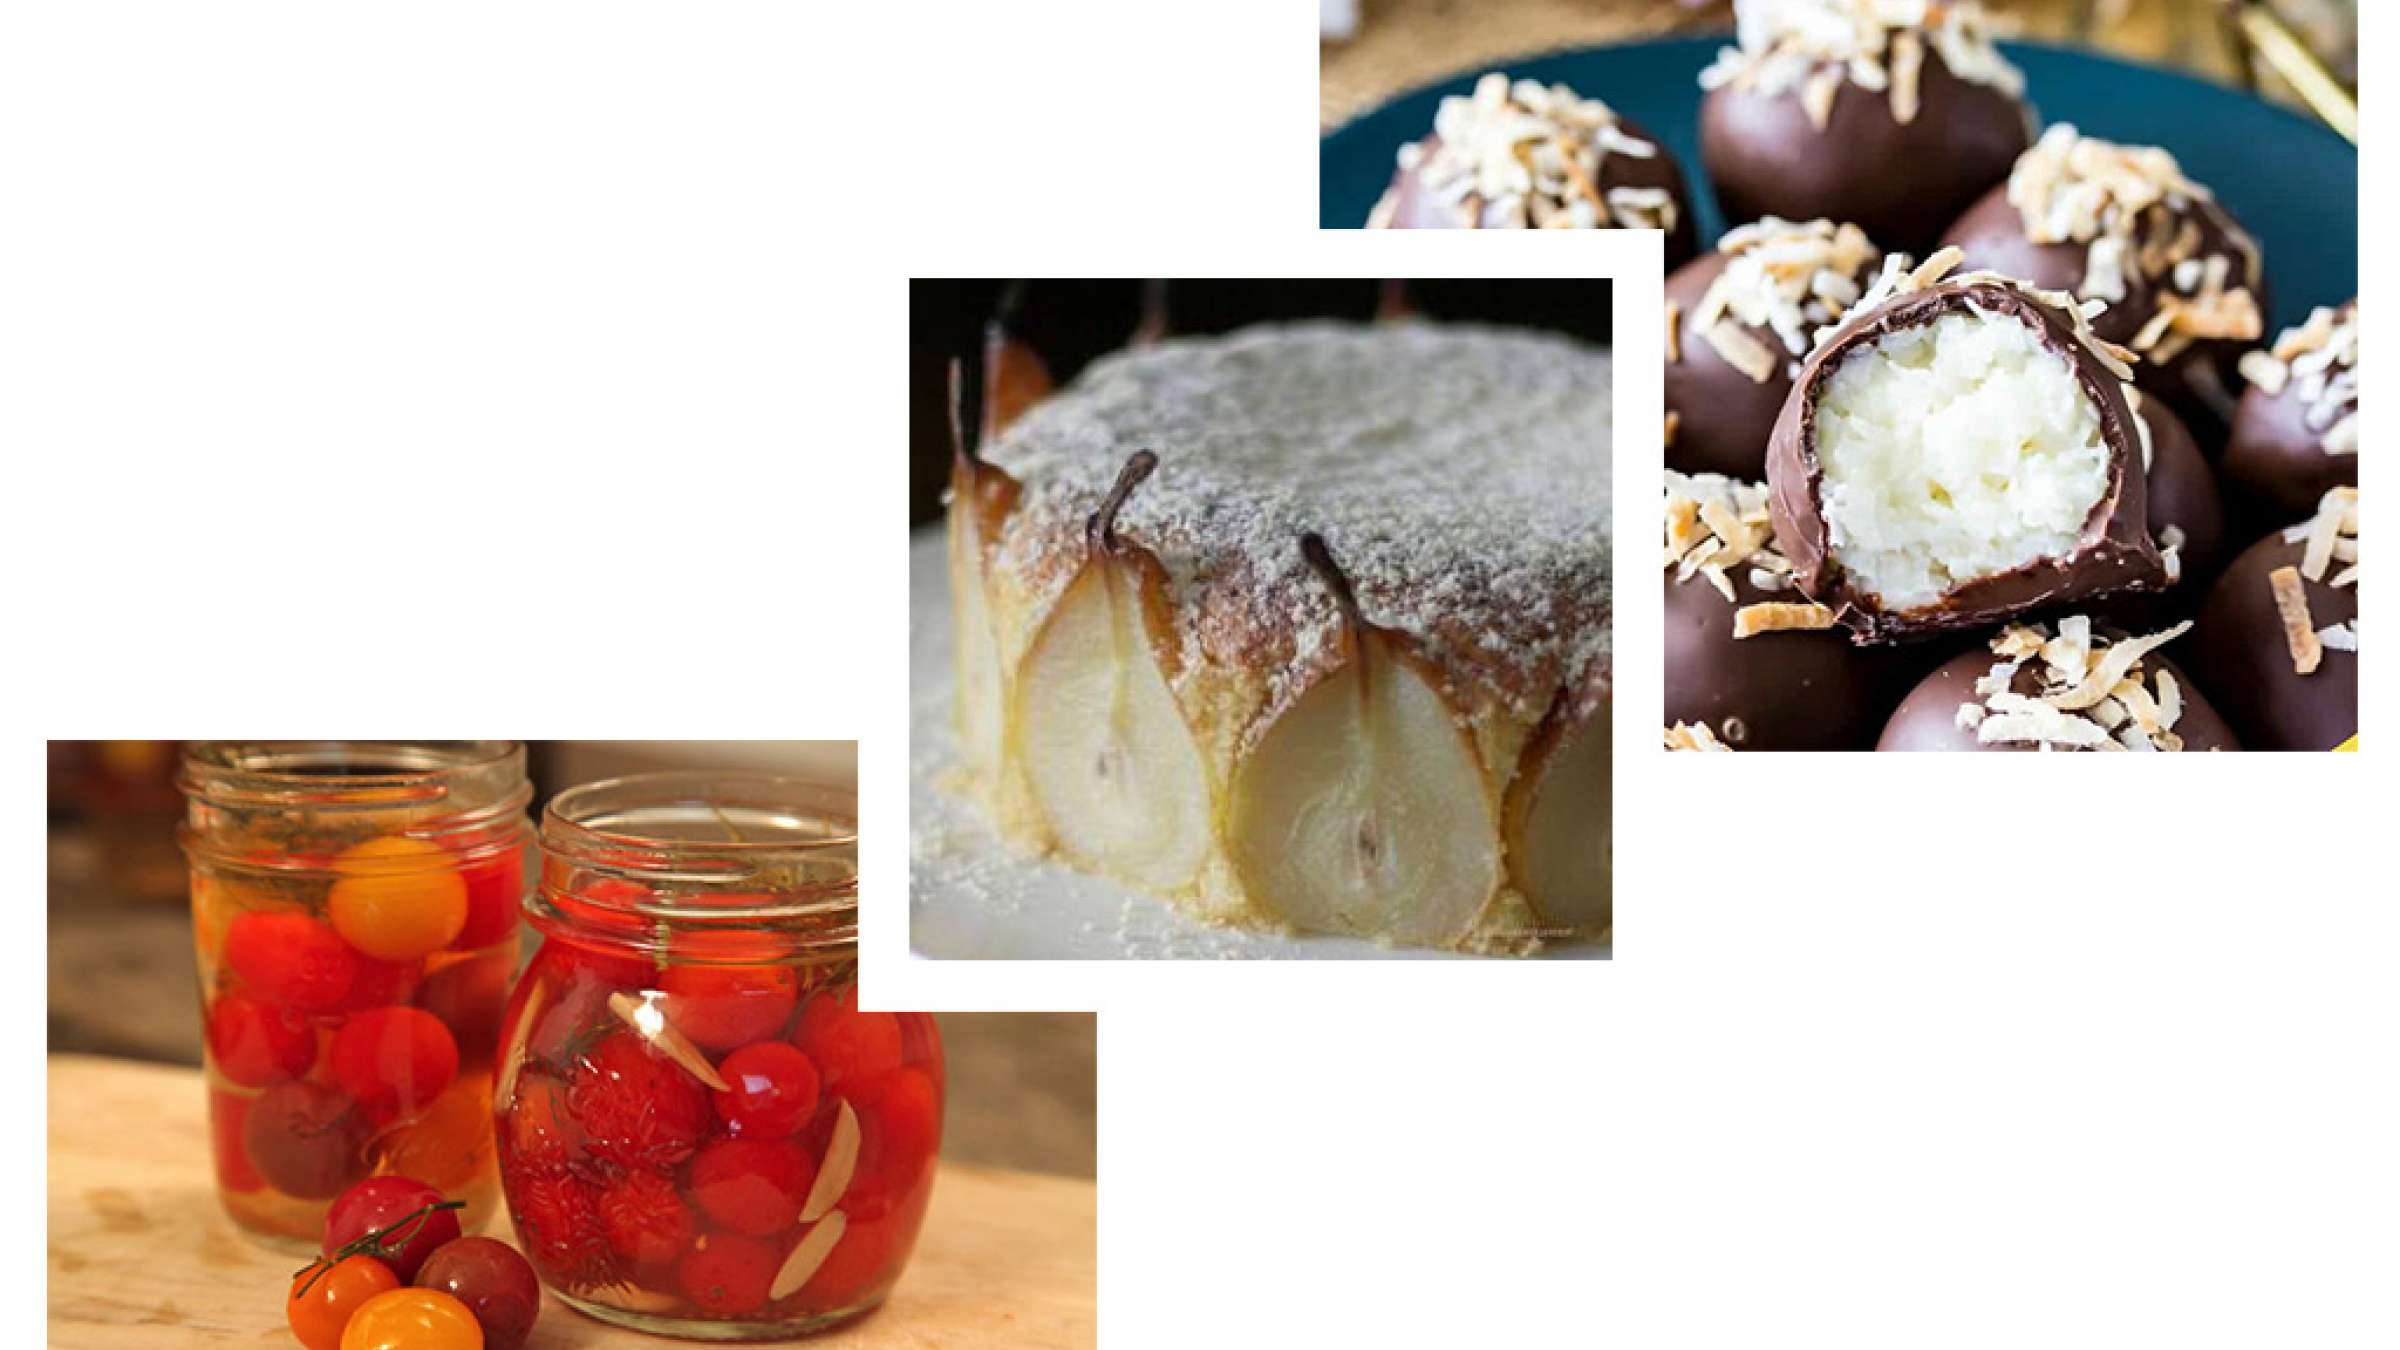 آشپزی-ترابی-ترافل-نارگیلی-شکلاتی-کیک-گلابی-گوجه-شور